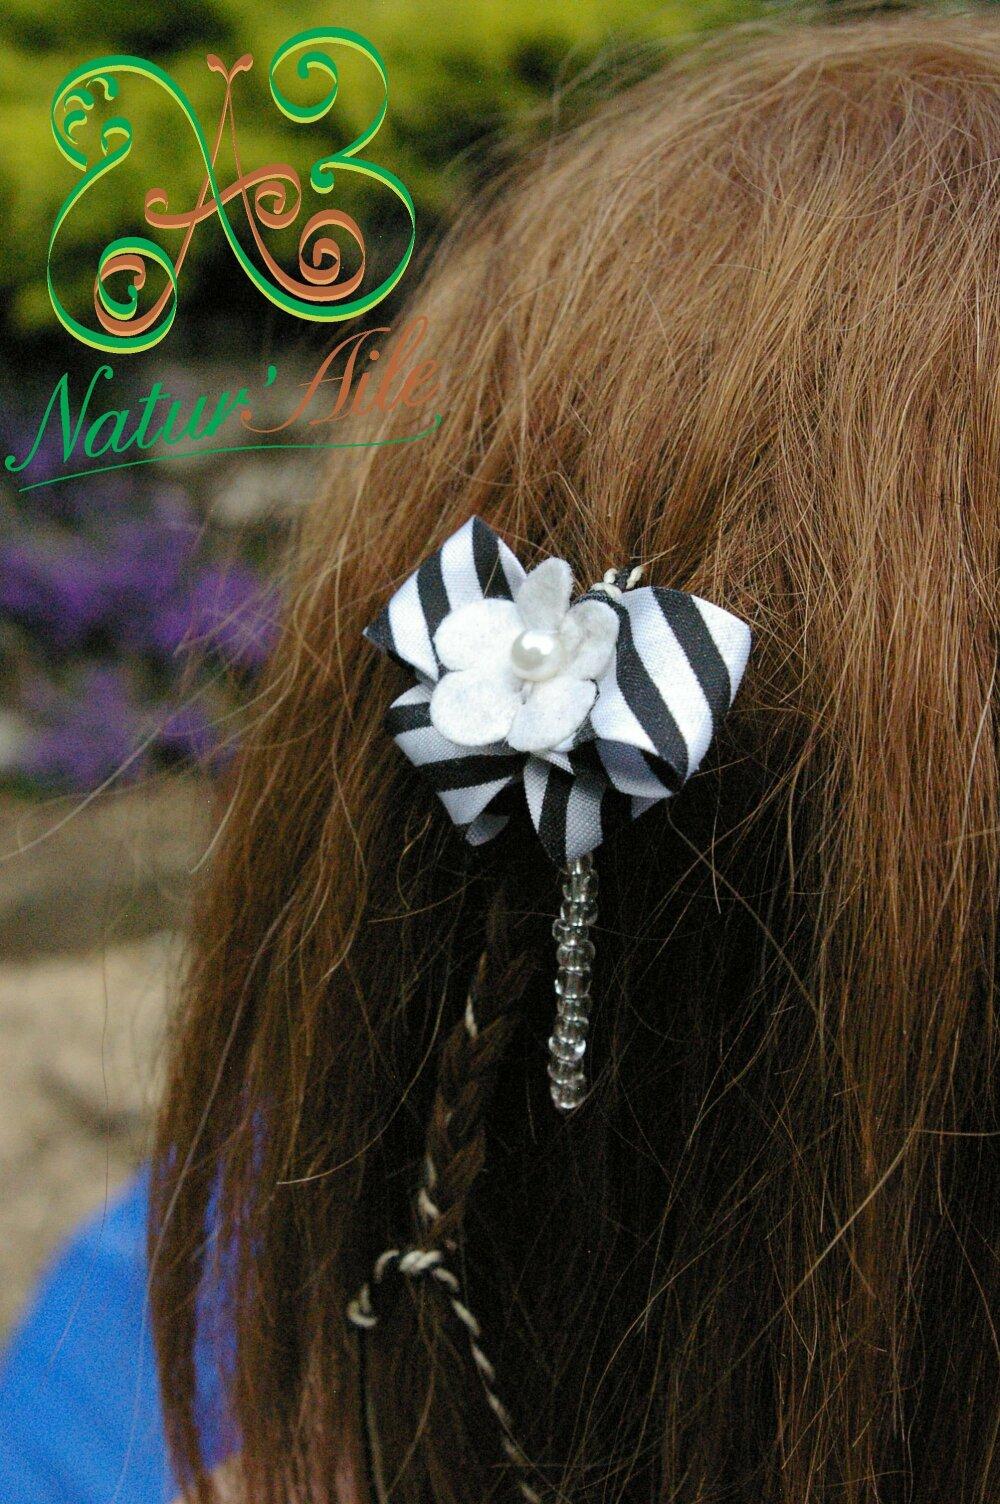 Natte Maïta fleur blanche et noeud Noiret Blanc,#Dreads# atebas#BOHO #Macramé#BIJOUX#Cheveux#Unique#tresse#mariage#Accessoires de coiffure